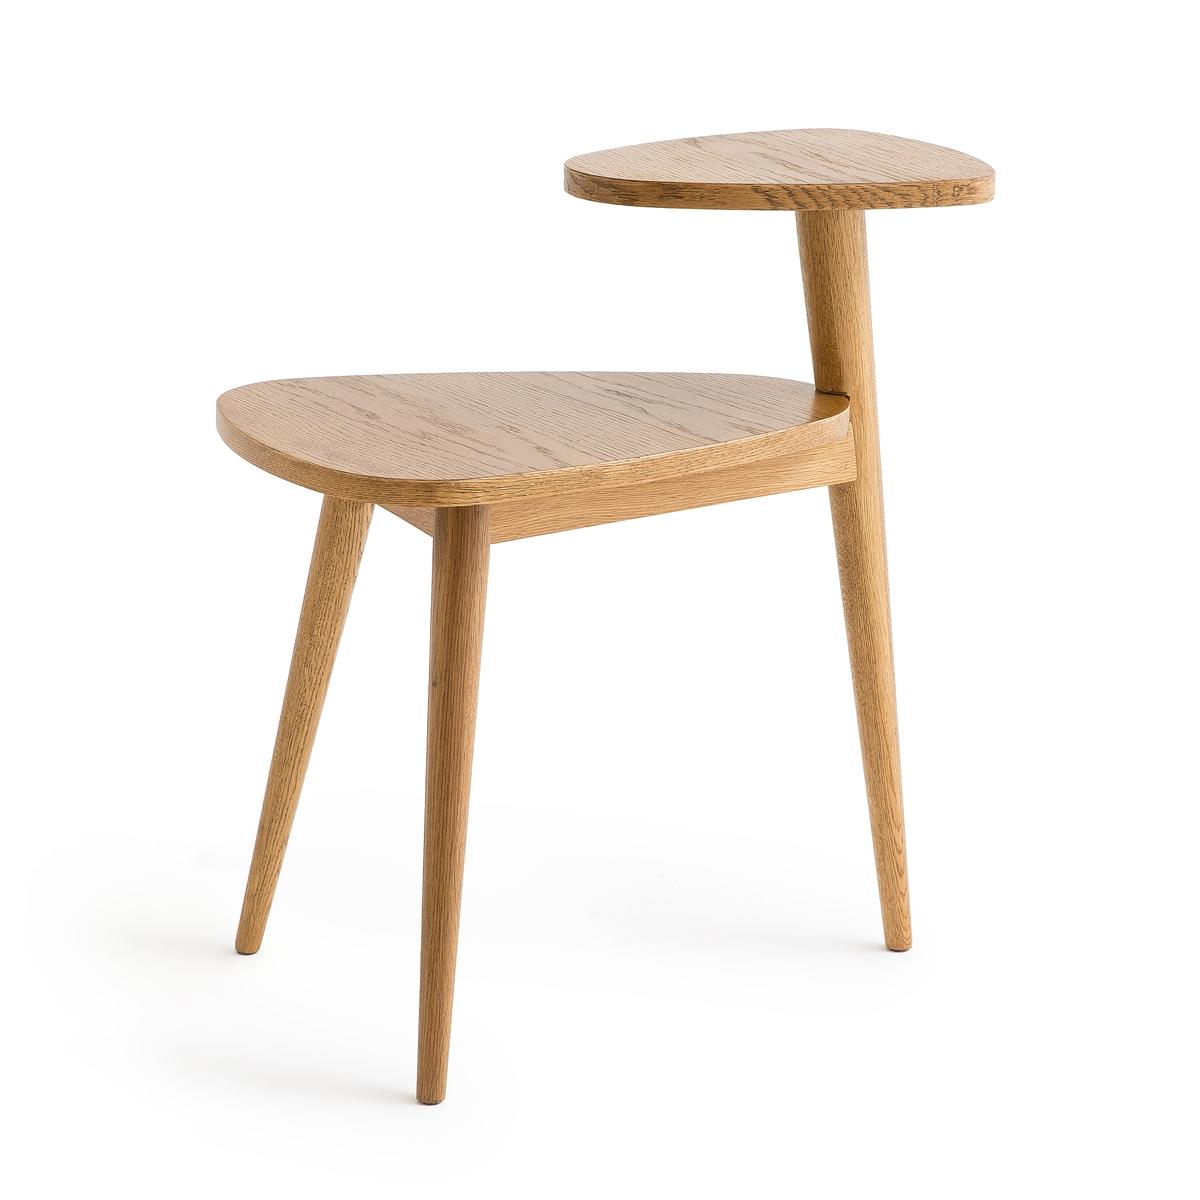 Столик журнальный в винтажном стиле с двумя столешницами, Quilda столик прикроватный в винтажном стиле jimi